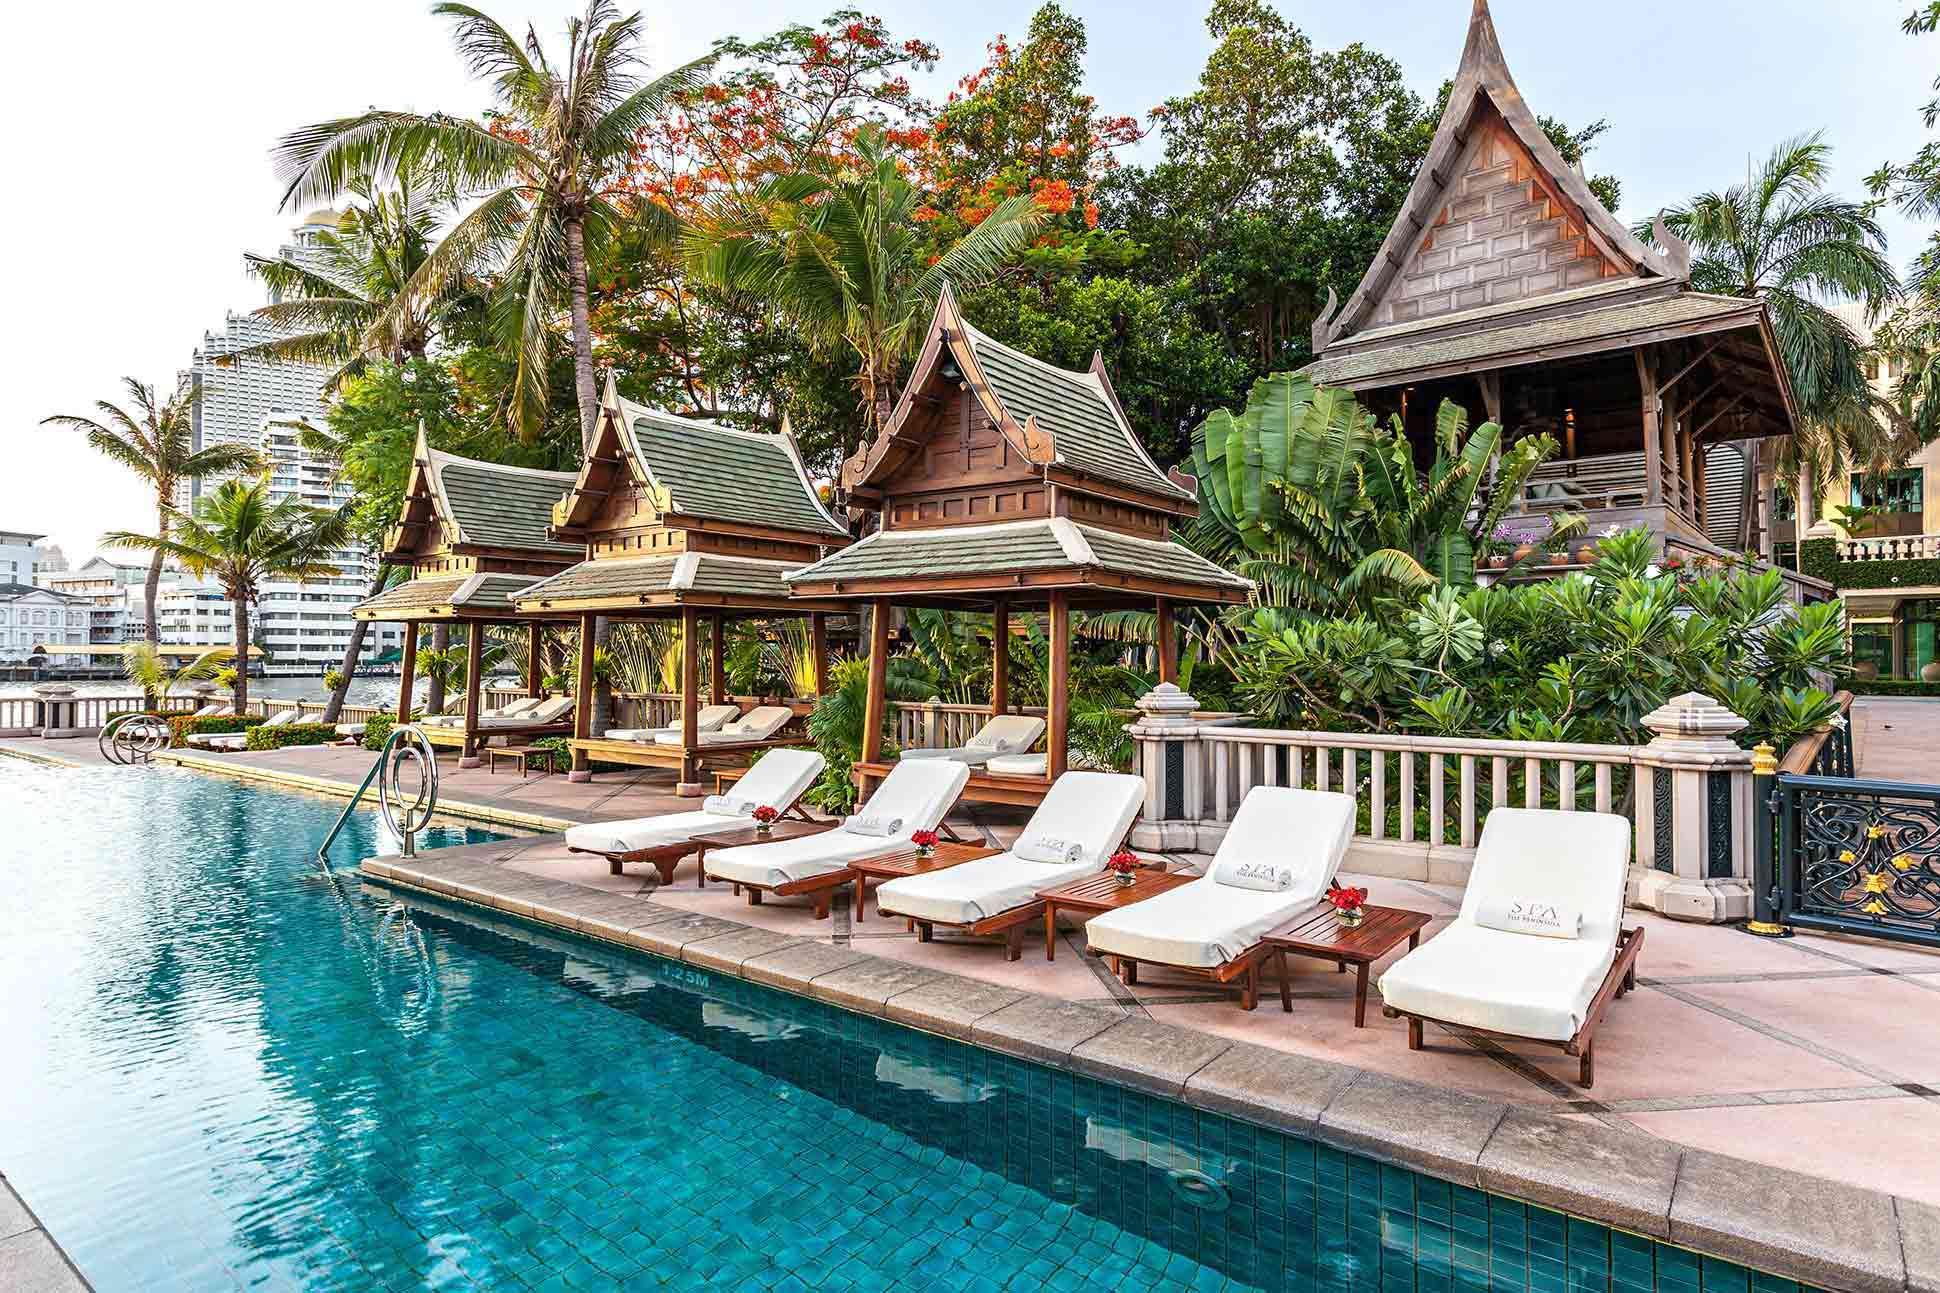 Poolside at The Peninsula Bangkok